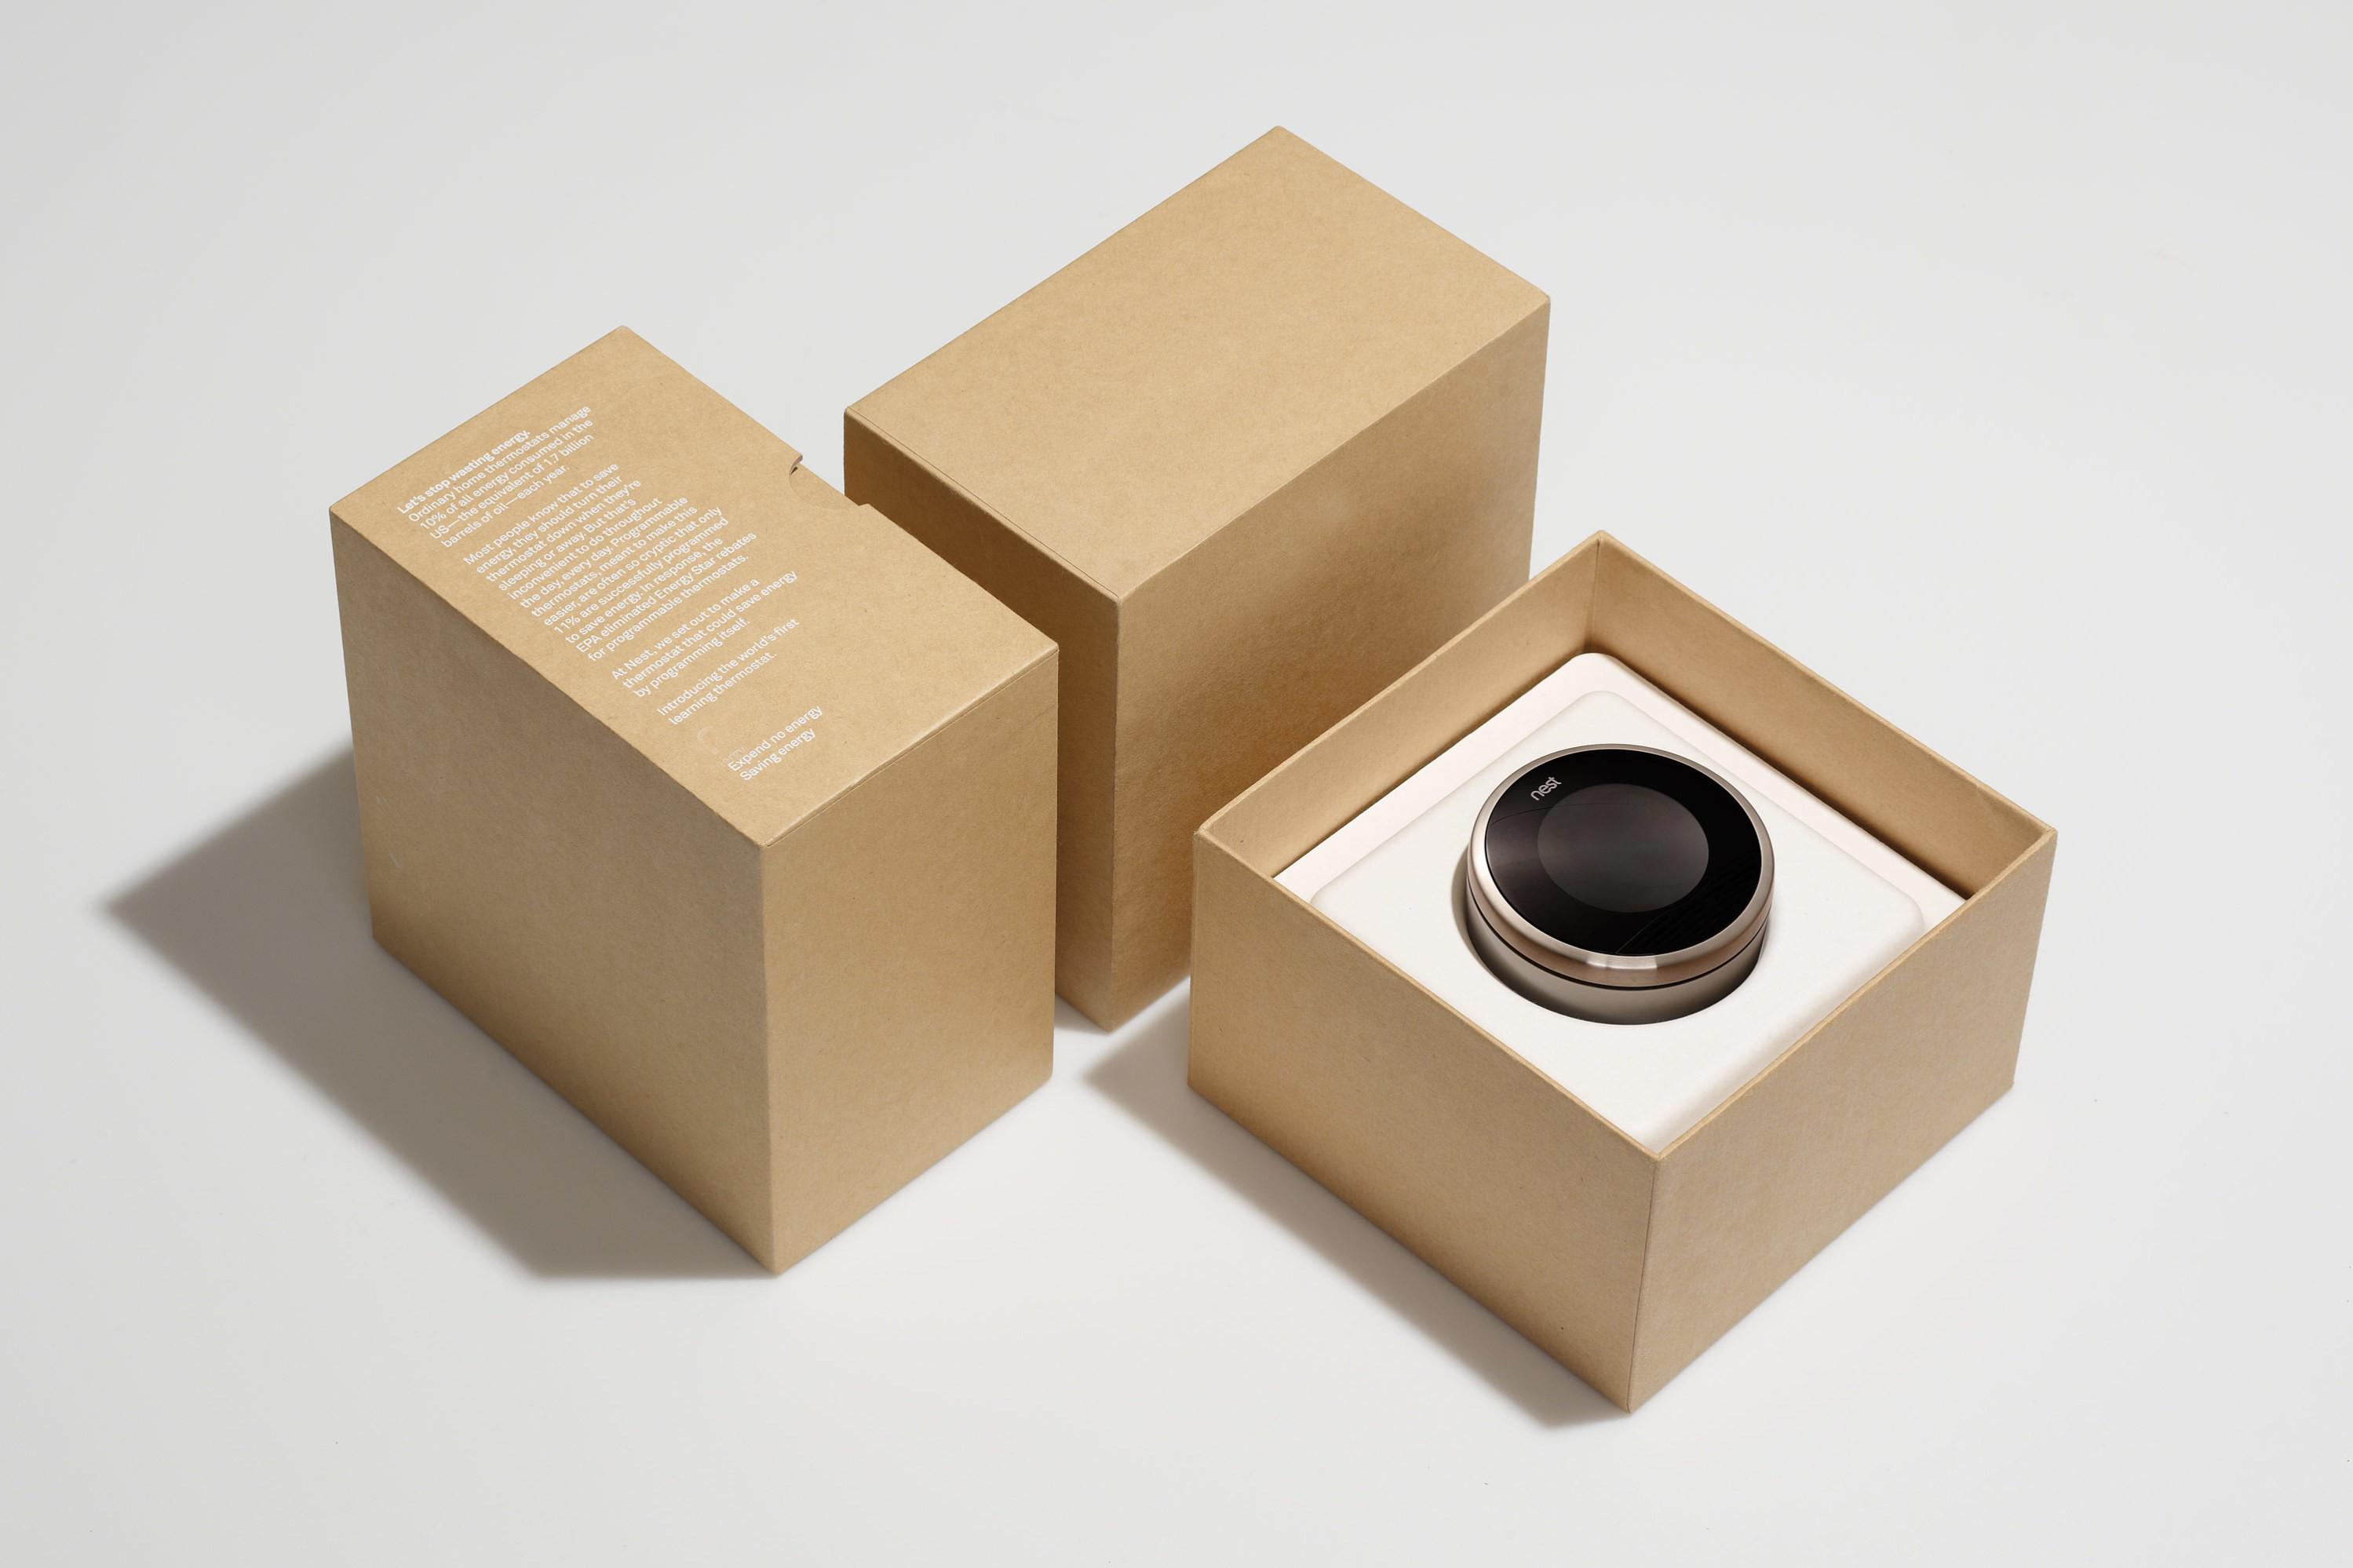 mẫu hộp mỹ phẩm kraft đẹp